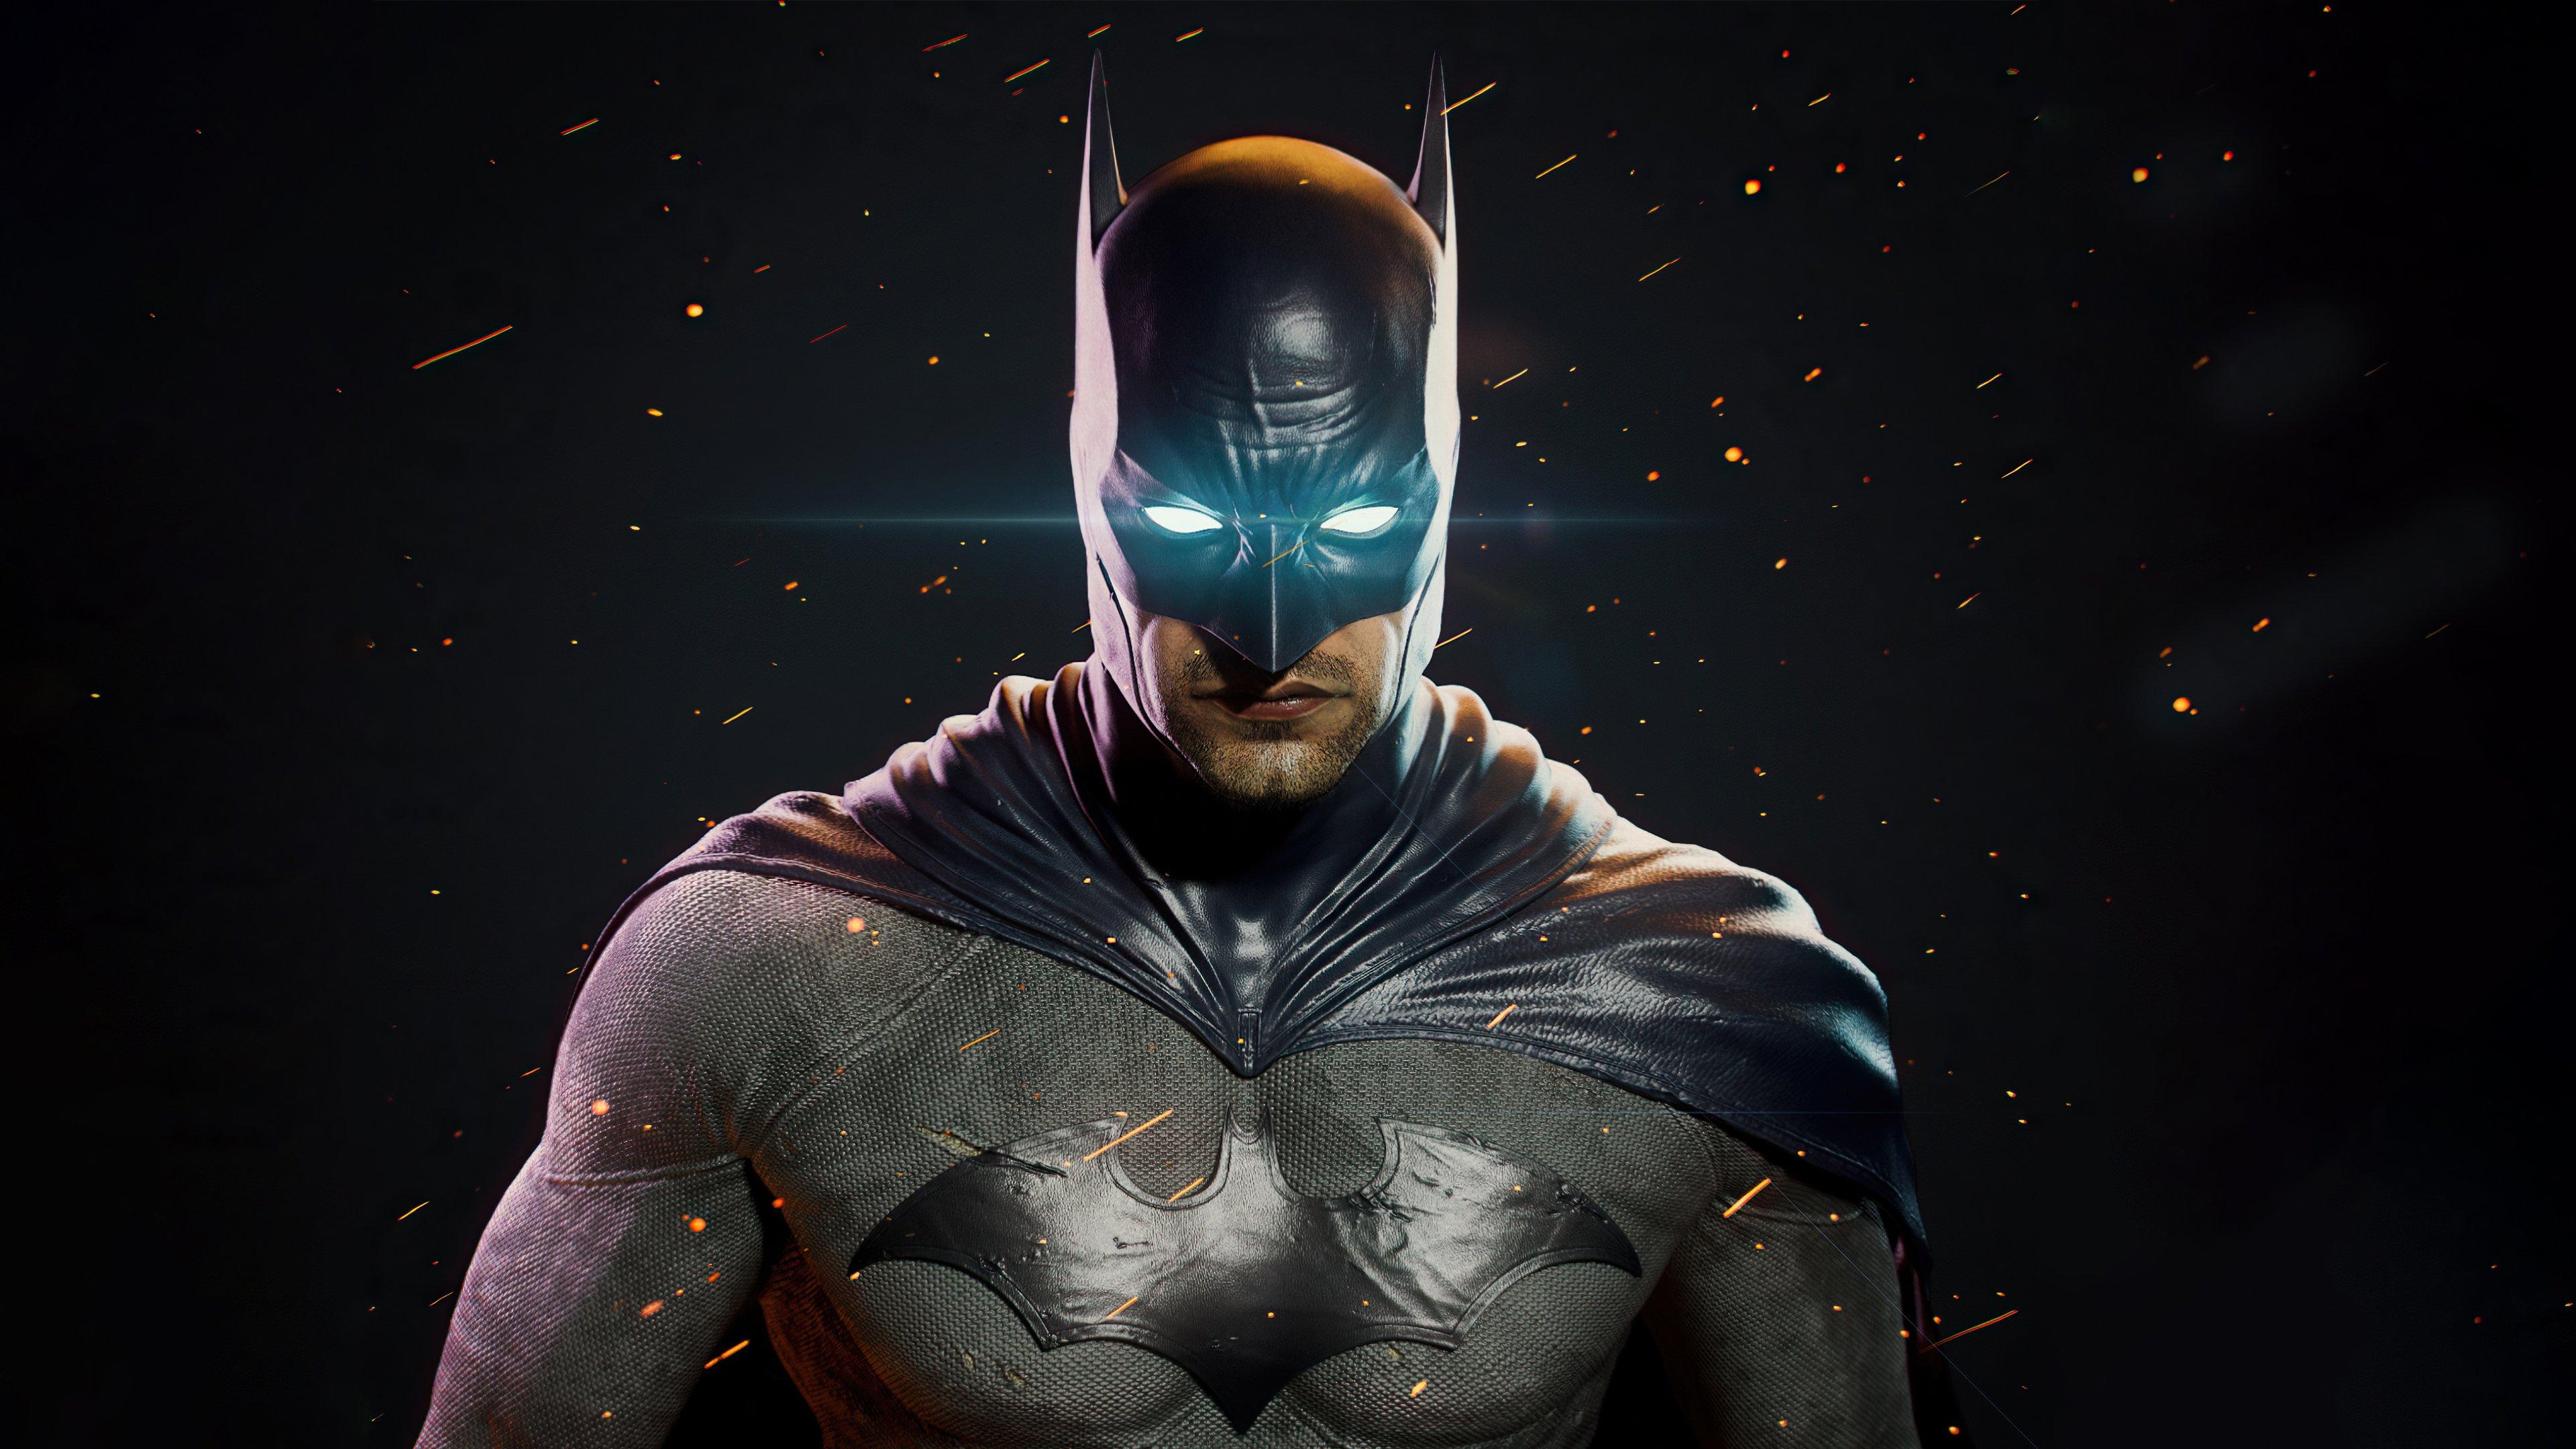 Wallpaper Batman glowing eyes